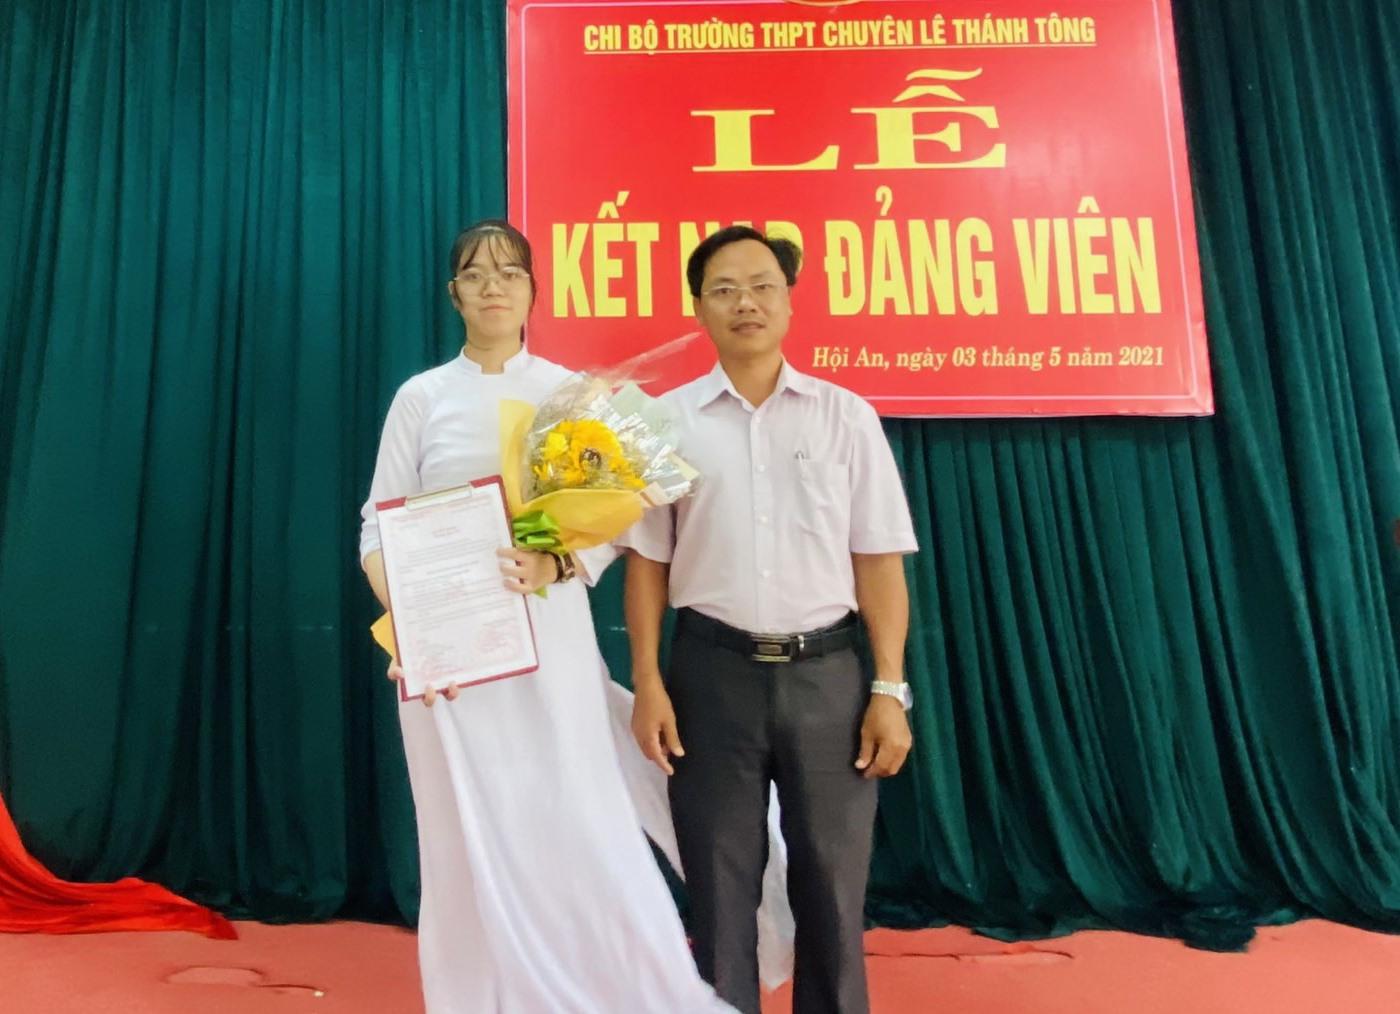 Kim Ngân - học sinh đầu tiên của Trường THPT chuyên Lê Thánh Tông được kết nạp Đảng. Ảnh: C.B